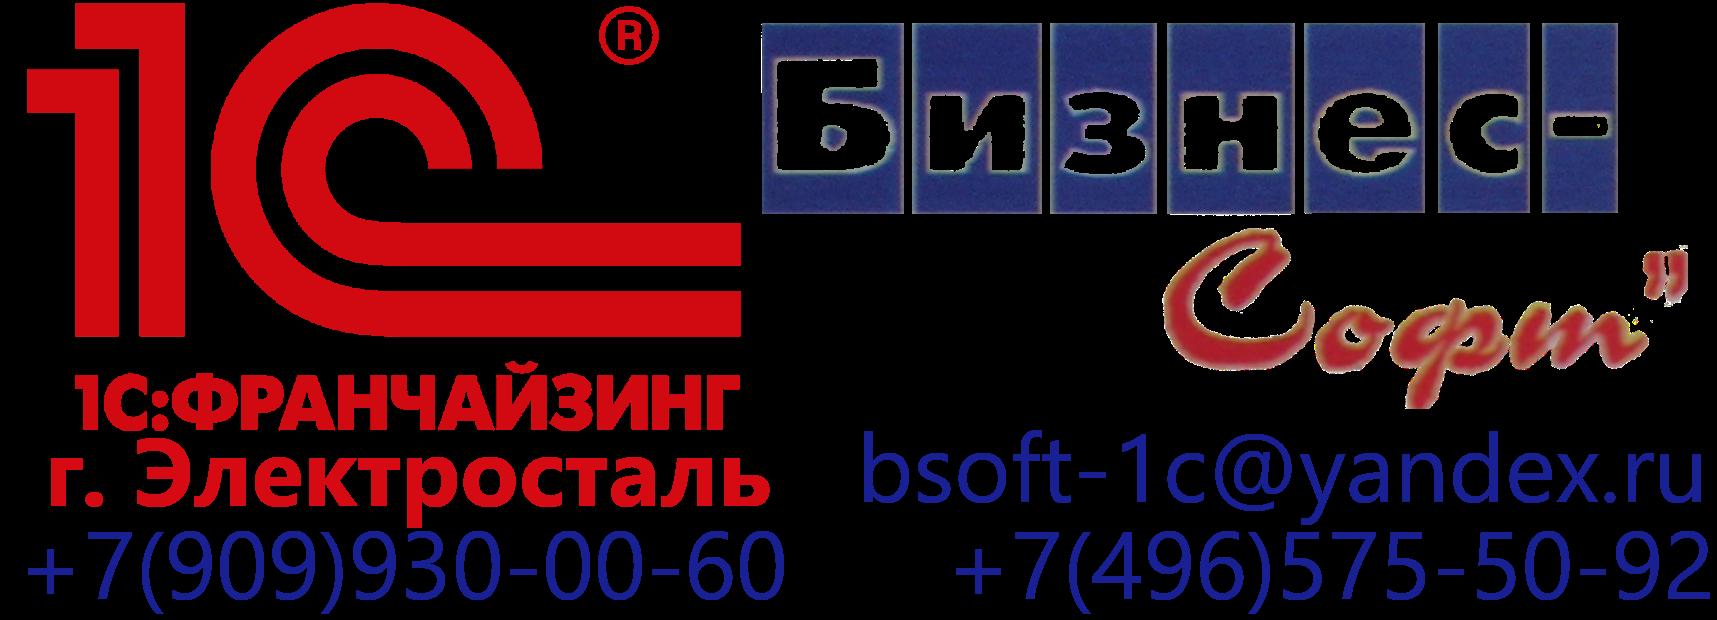 1С:Франчайзи БИЗНЕС-СОФТ г. Электросталь